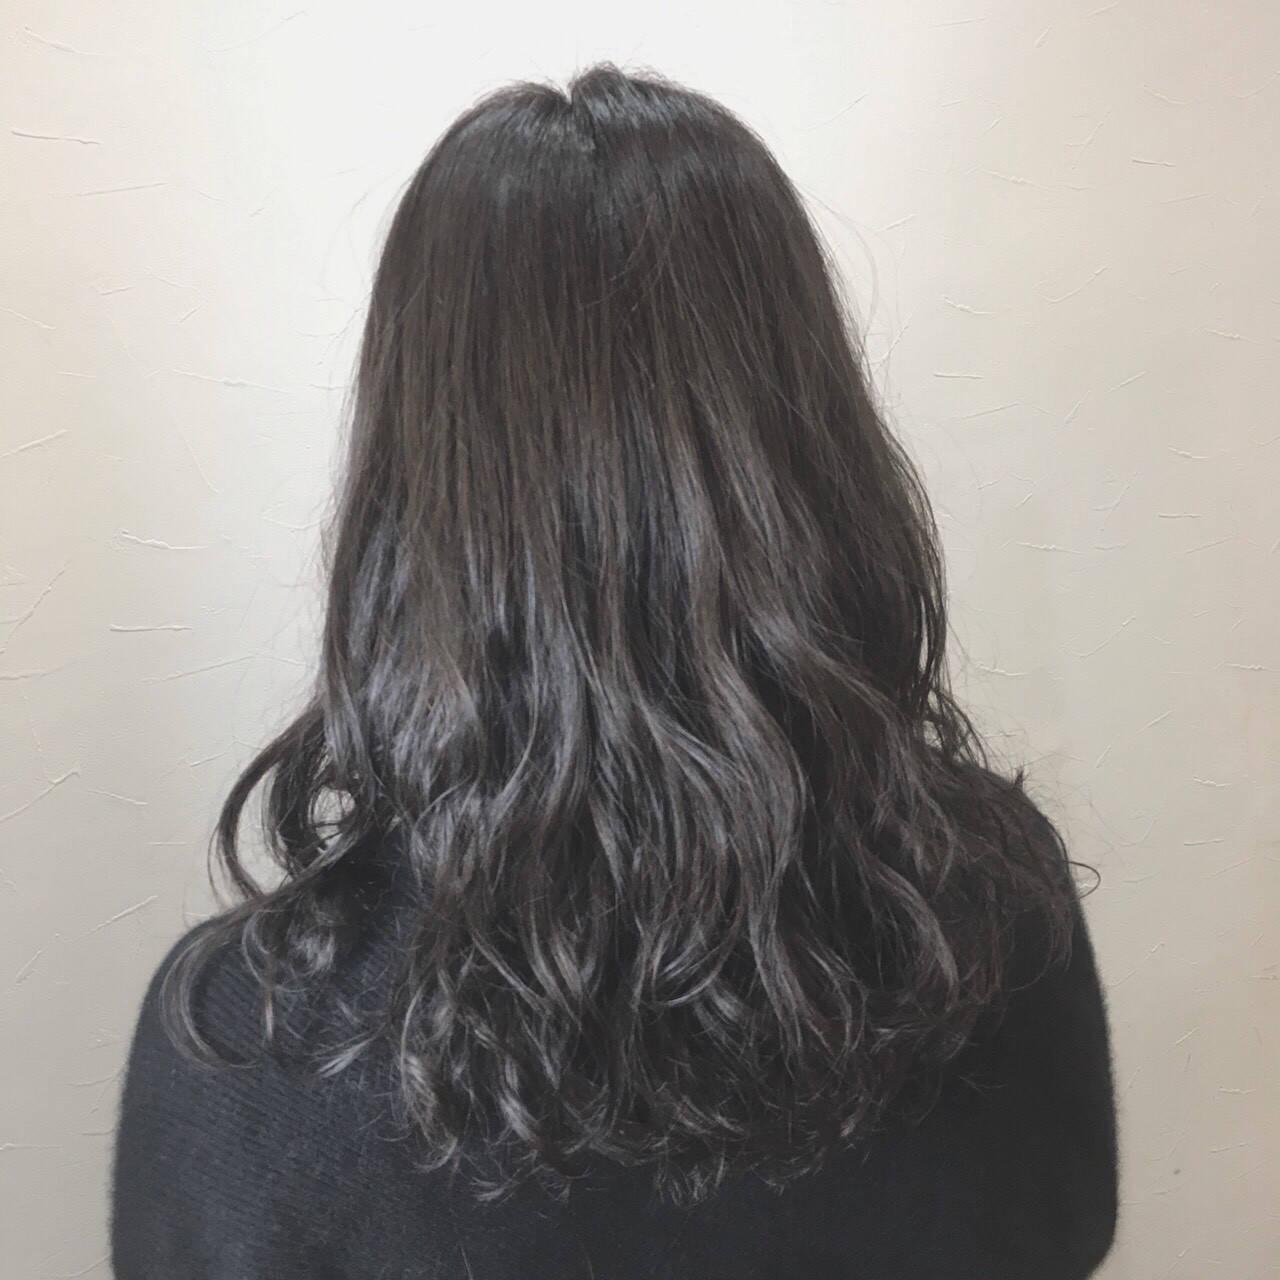 ナチュラル アッシュ セミロング グレージュヘアスタイルや髪型の写真・画像